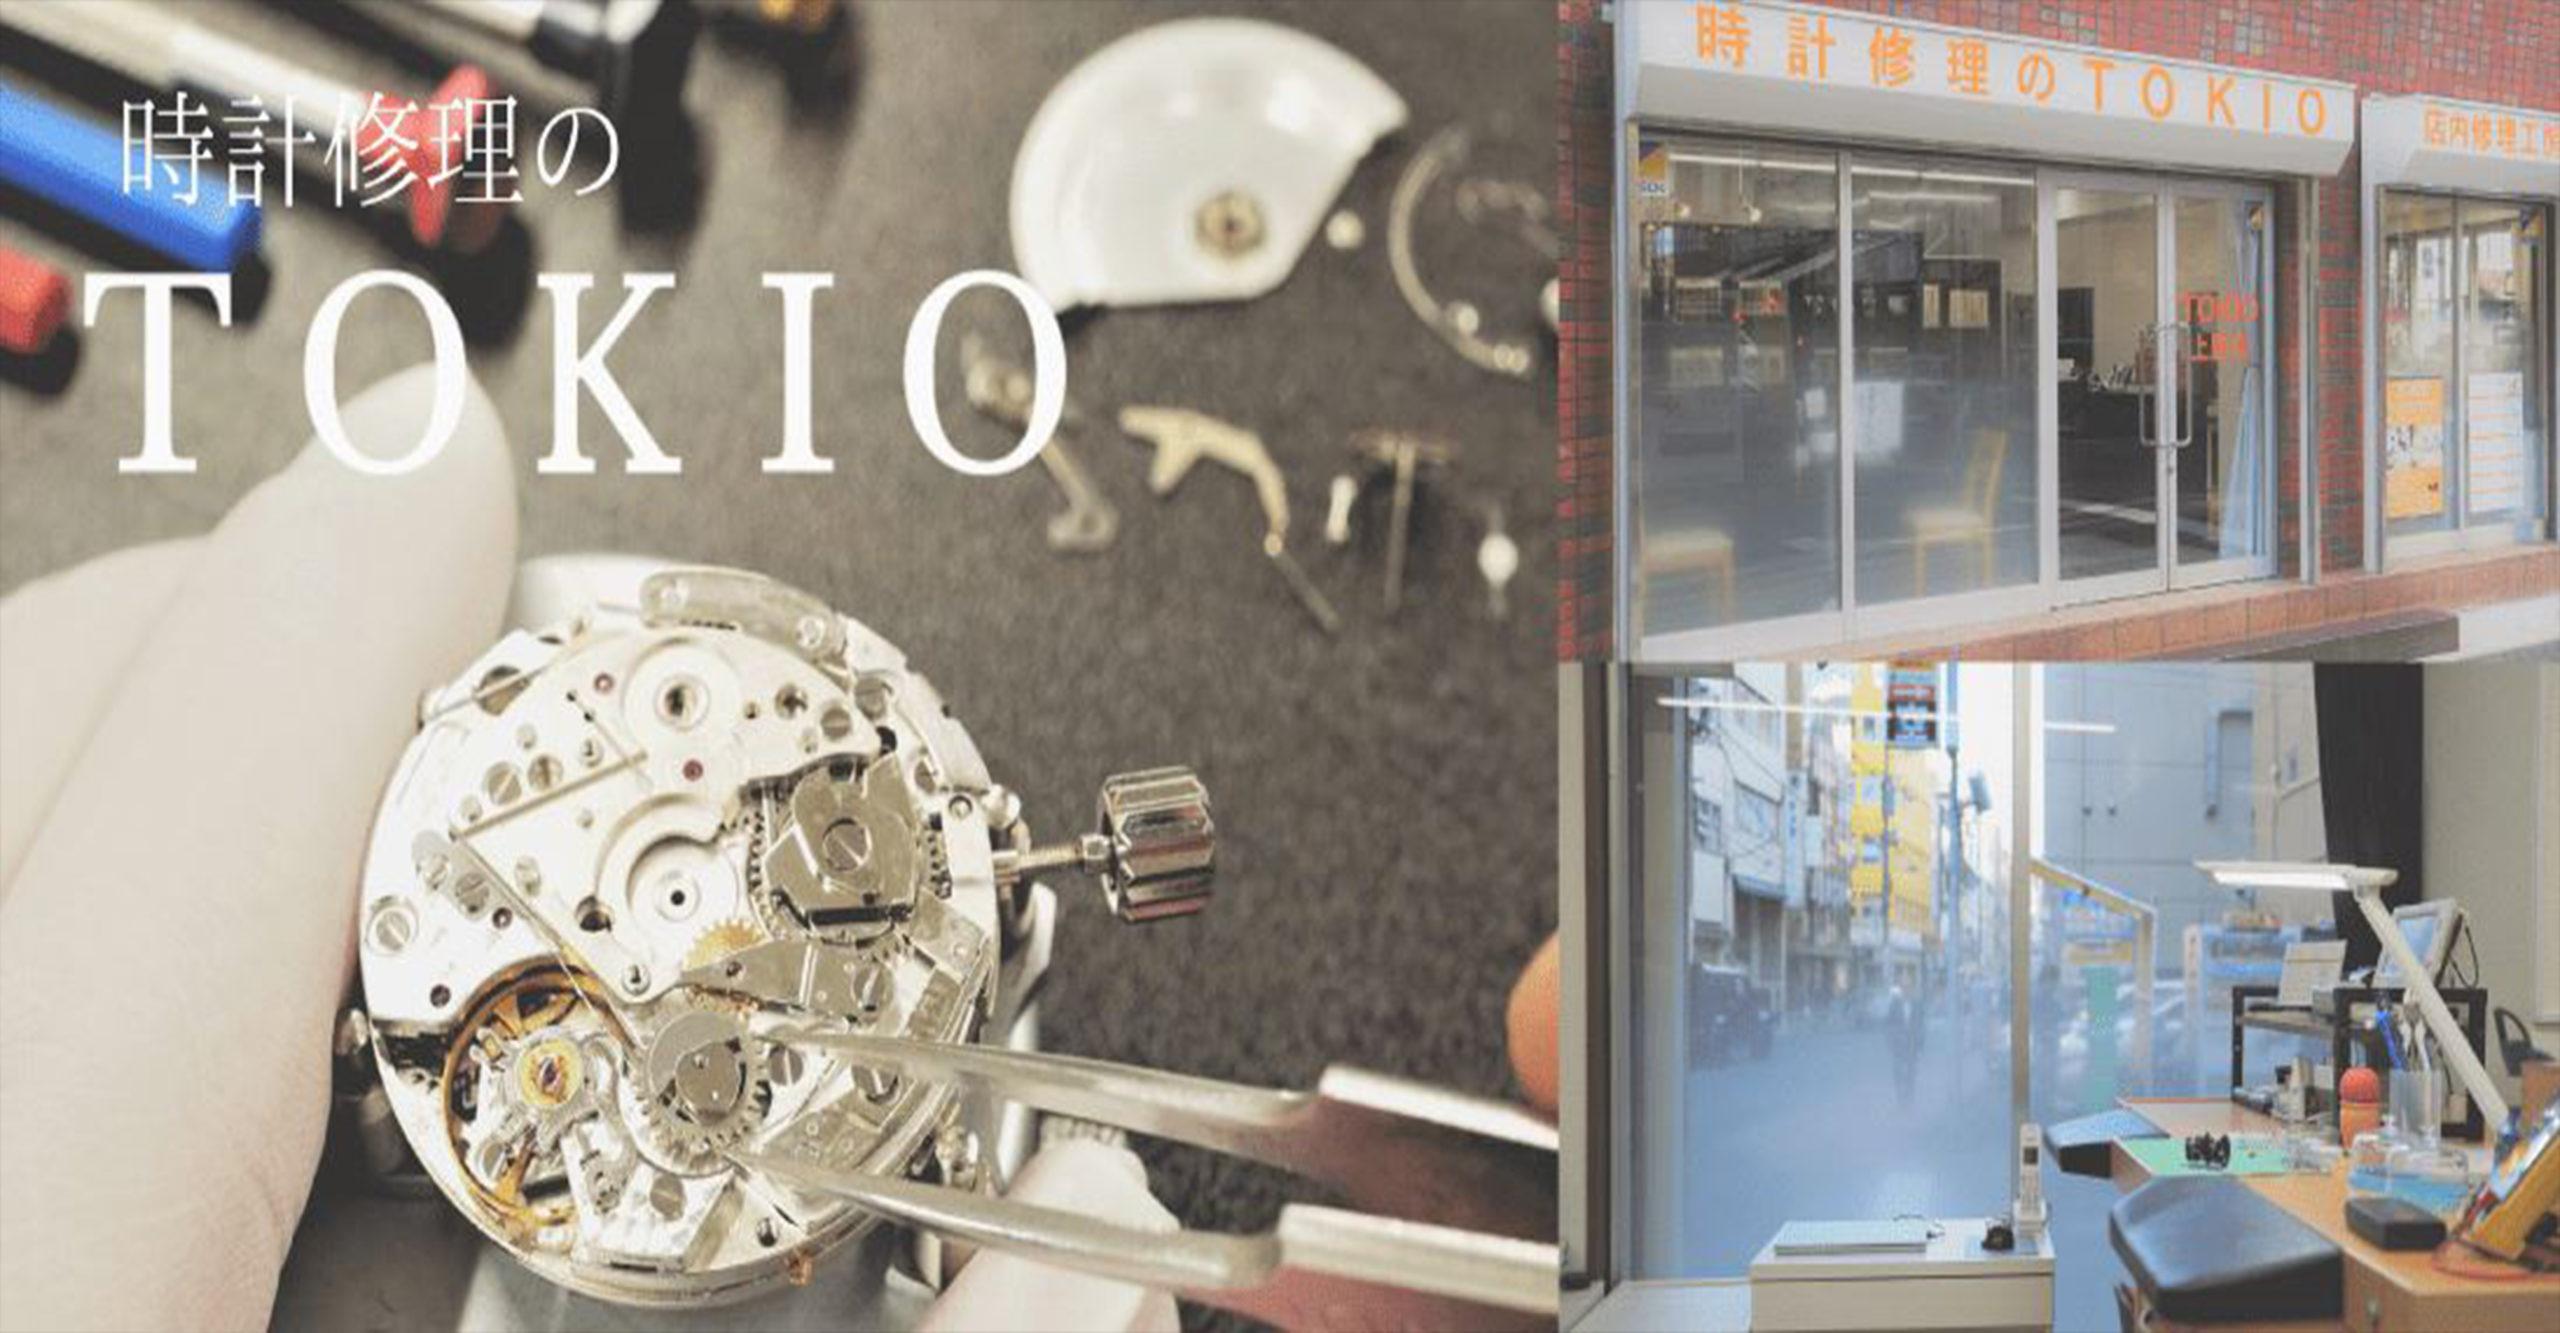 時計修理 TOKIO